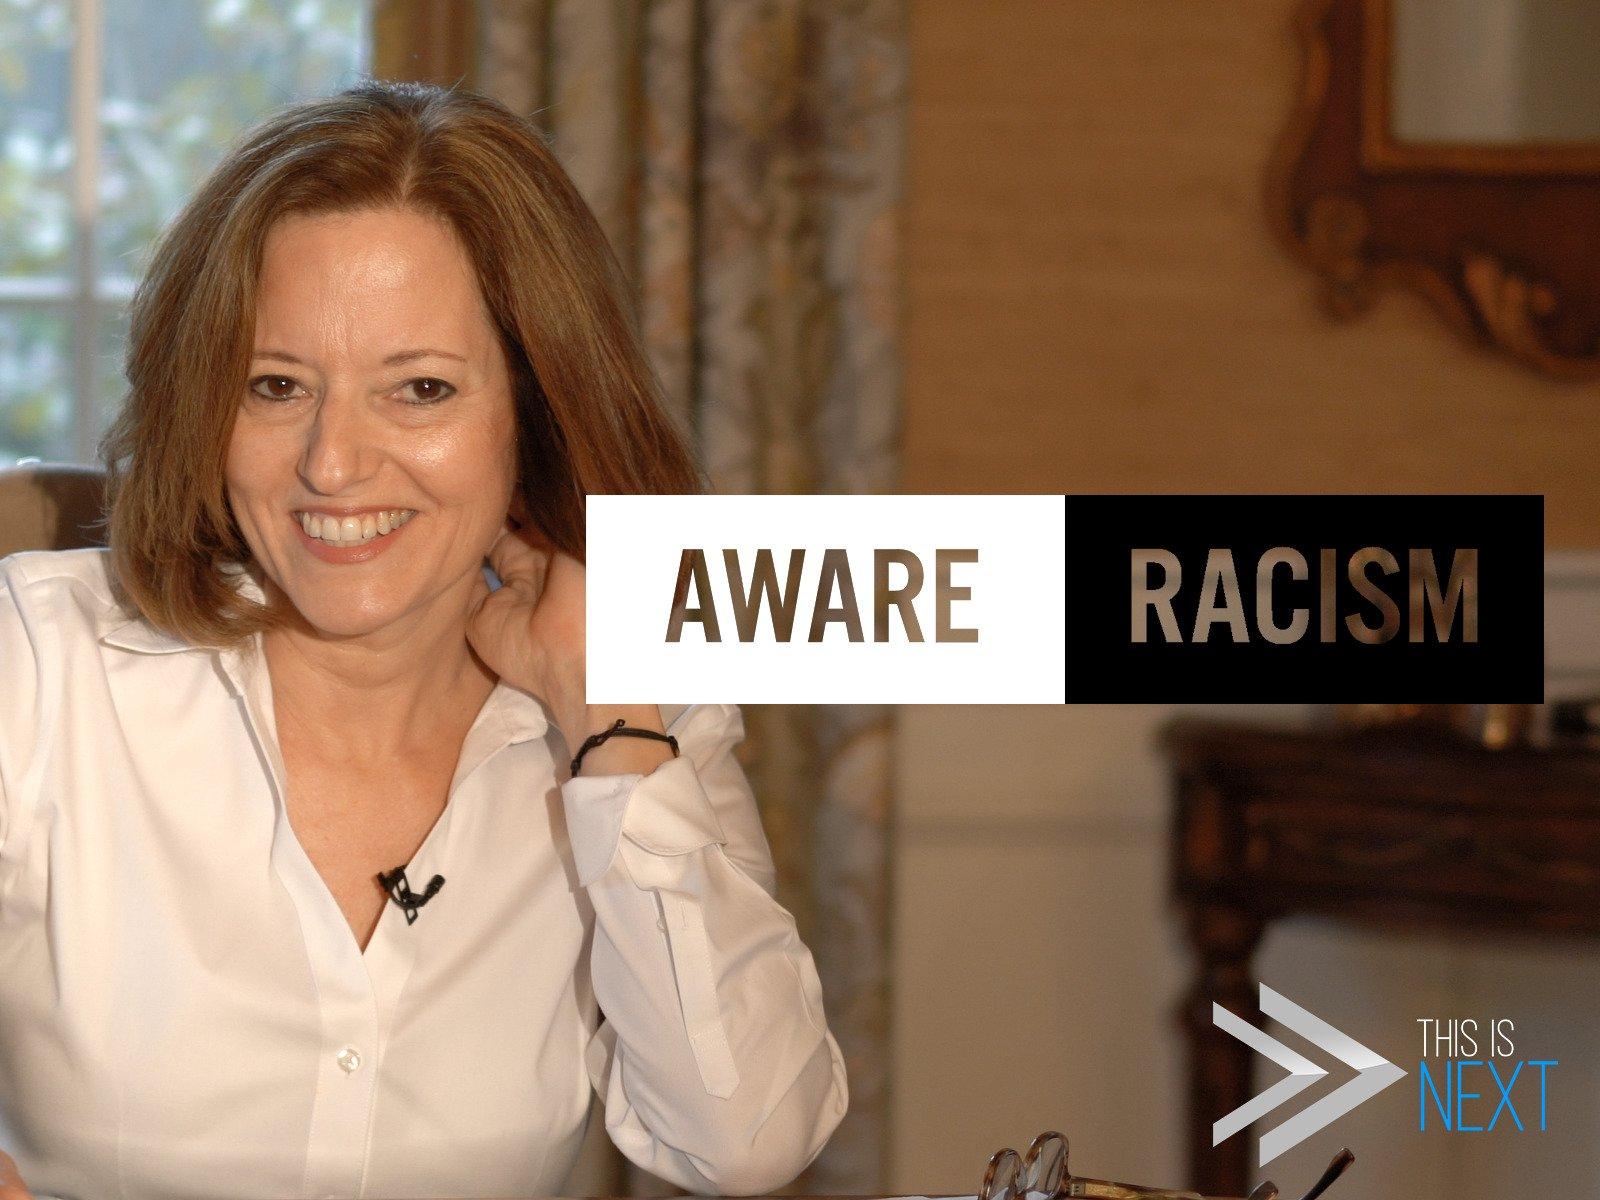 Aware: Racism